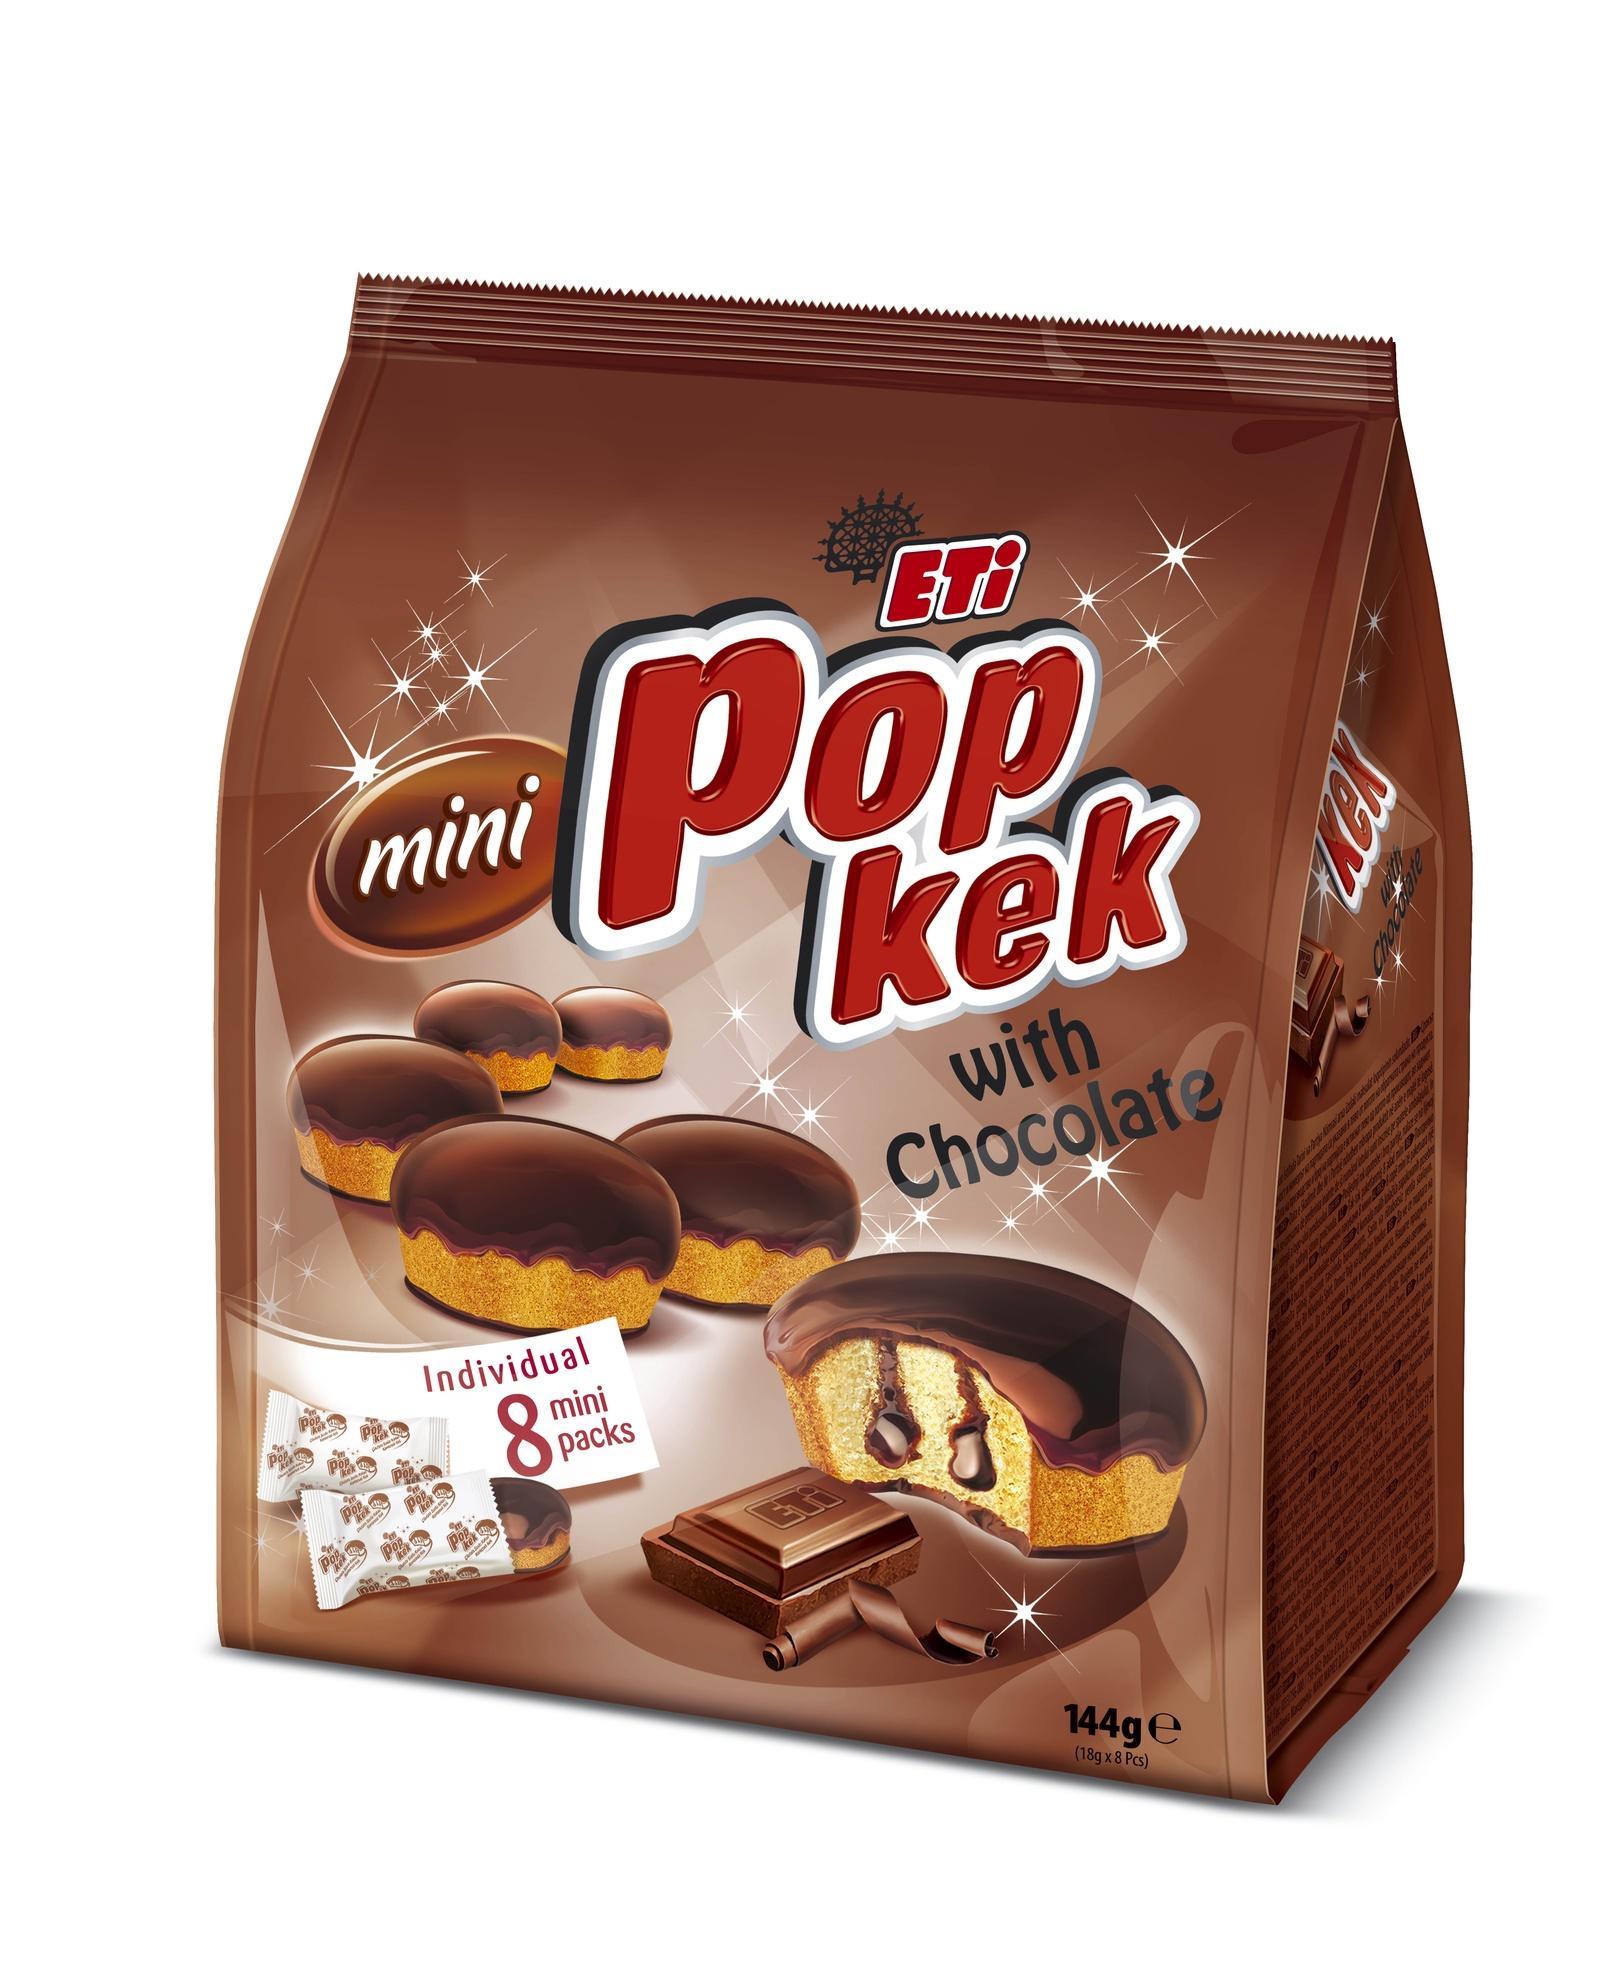 Кекс ETI 0646-2, Крем-шоколад, 144 ETI